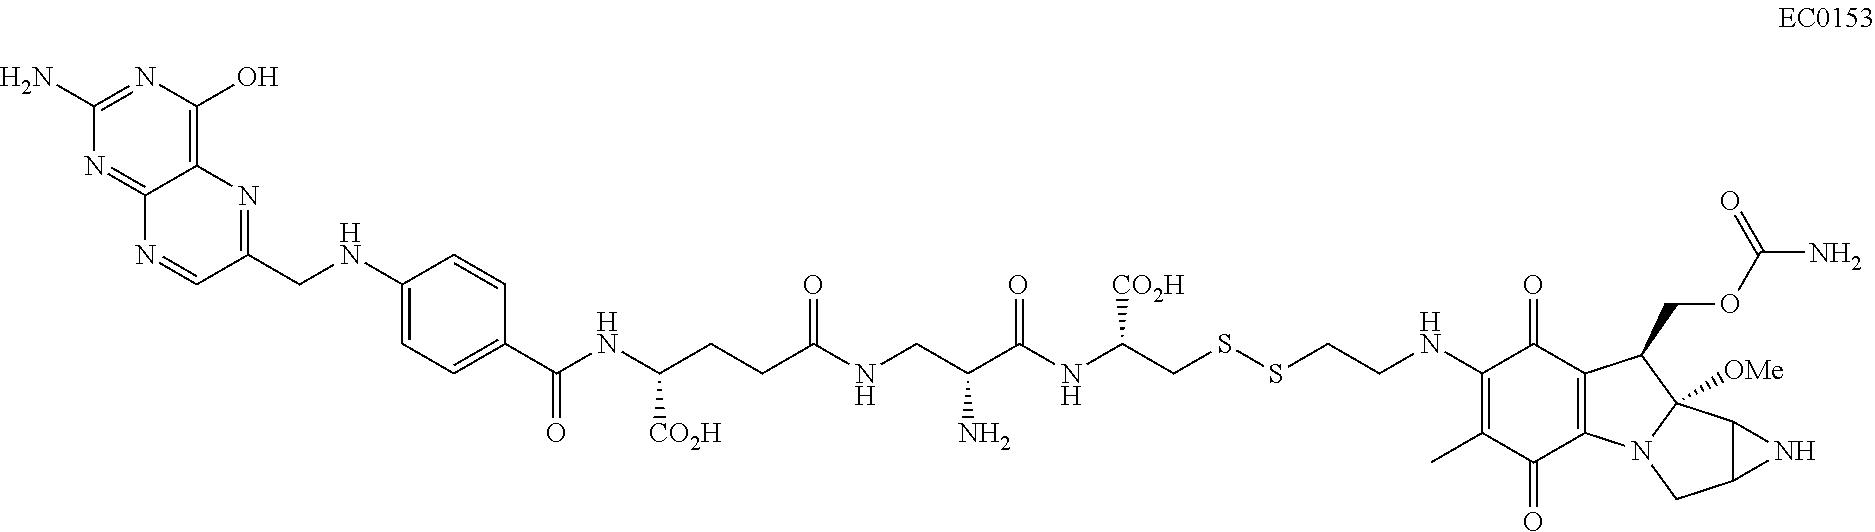 Figure US09662402-20170530-C00007